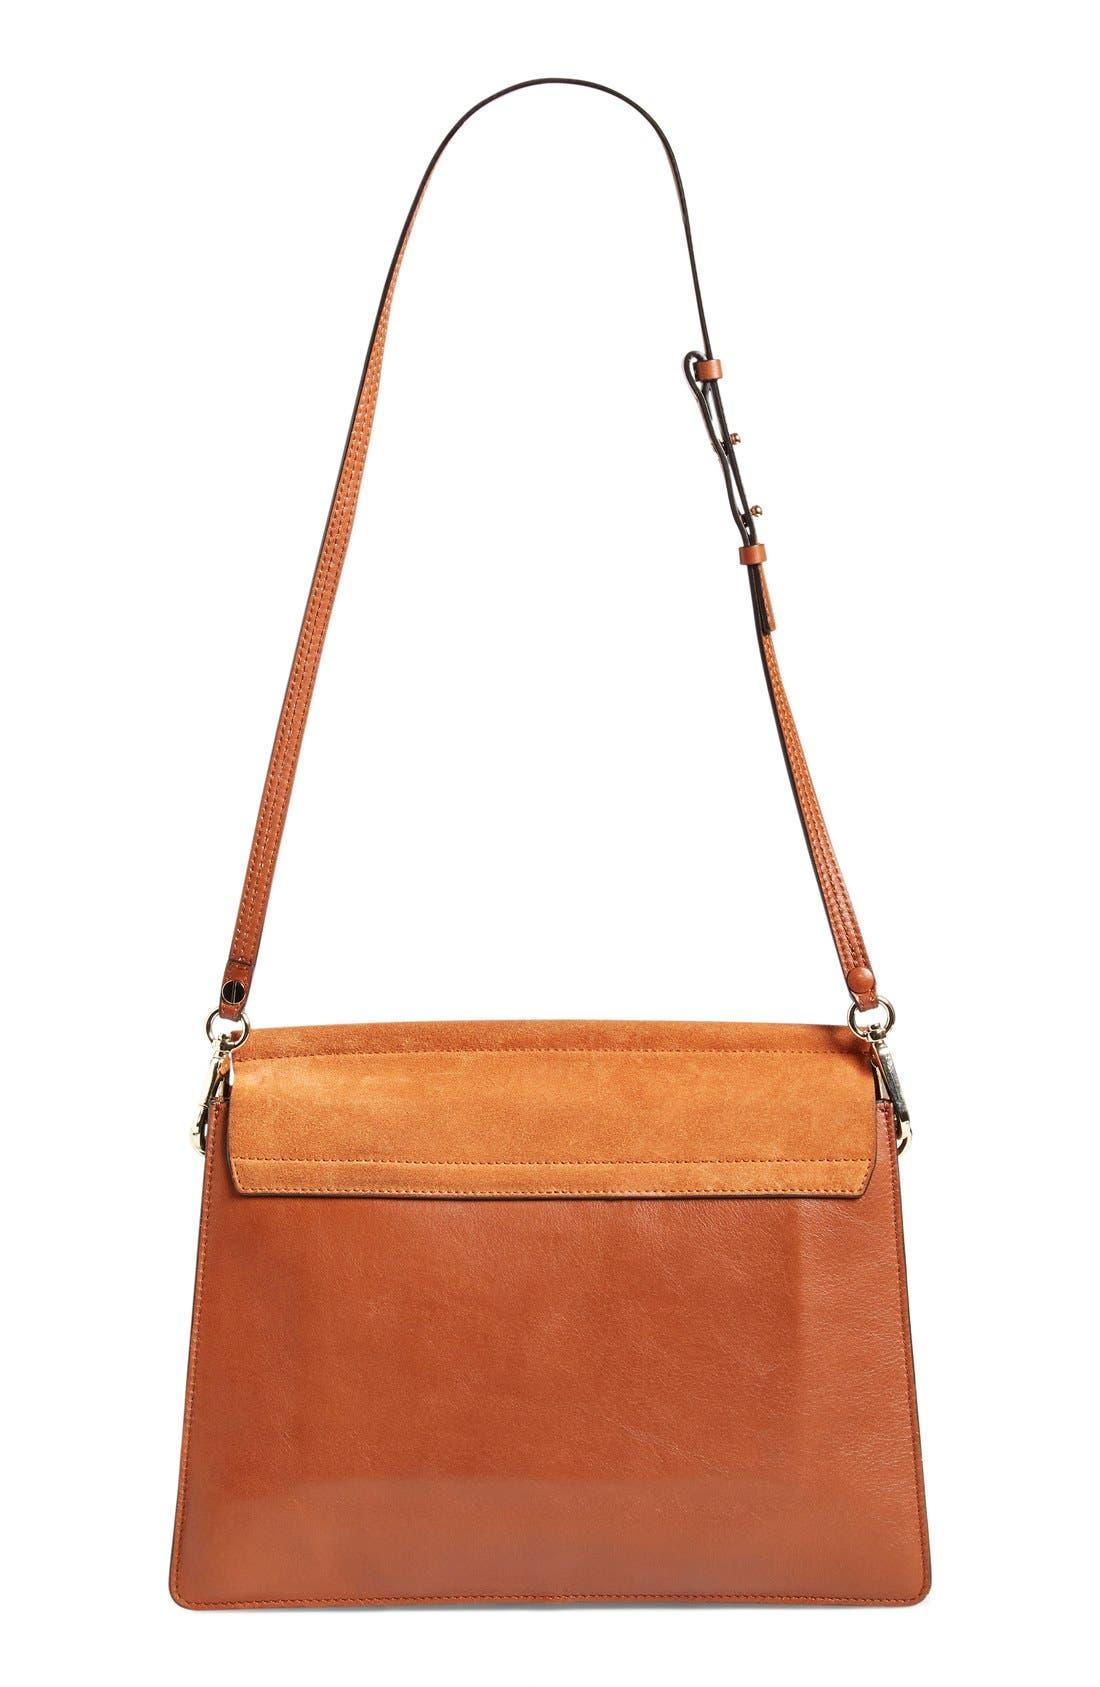 Alternate Image 2  - Chloé 'Faye' Leather & Suede Shoulder Bag